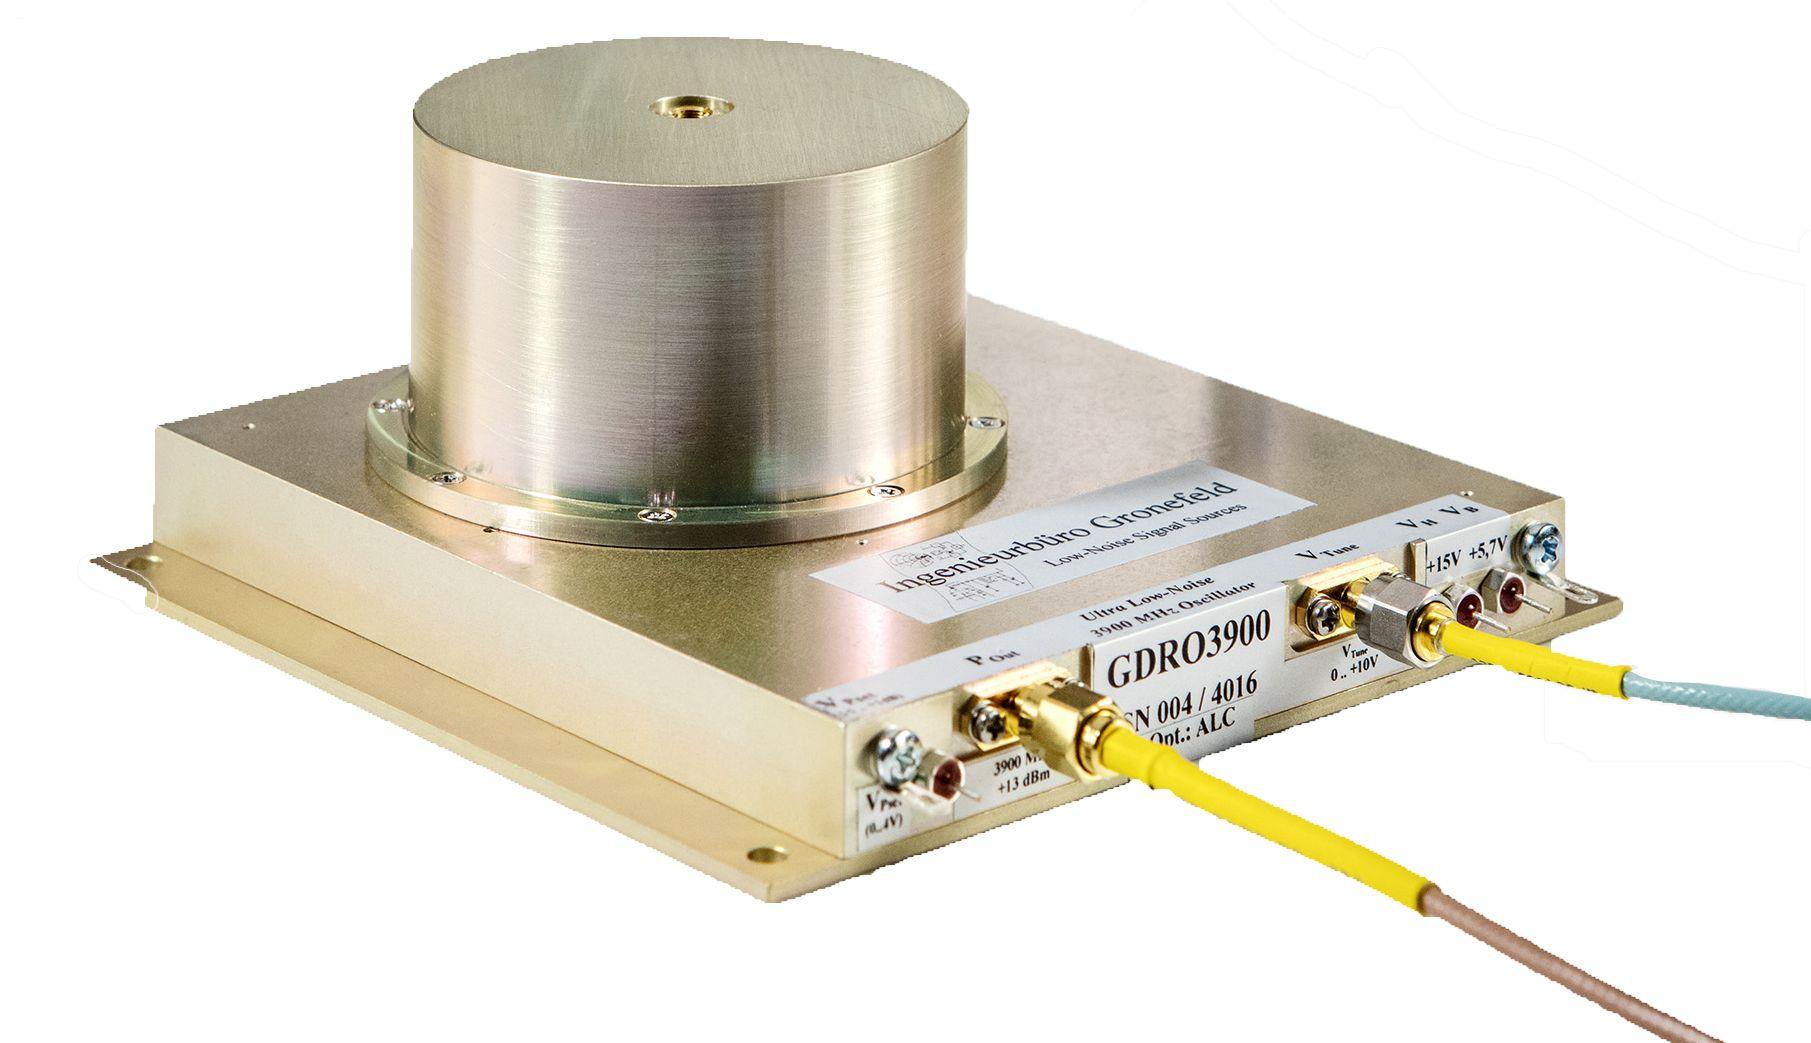 GDRO3900-RUPPtronik-Oszillatoren mit Attosekunden-Phasenjitter